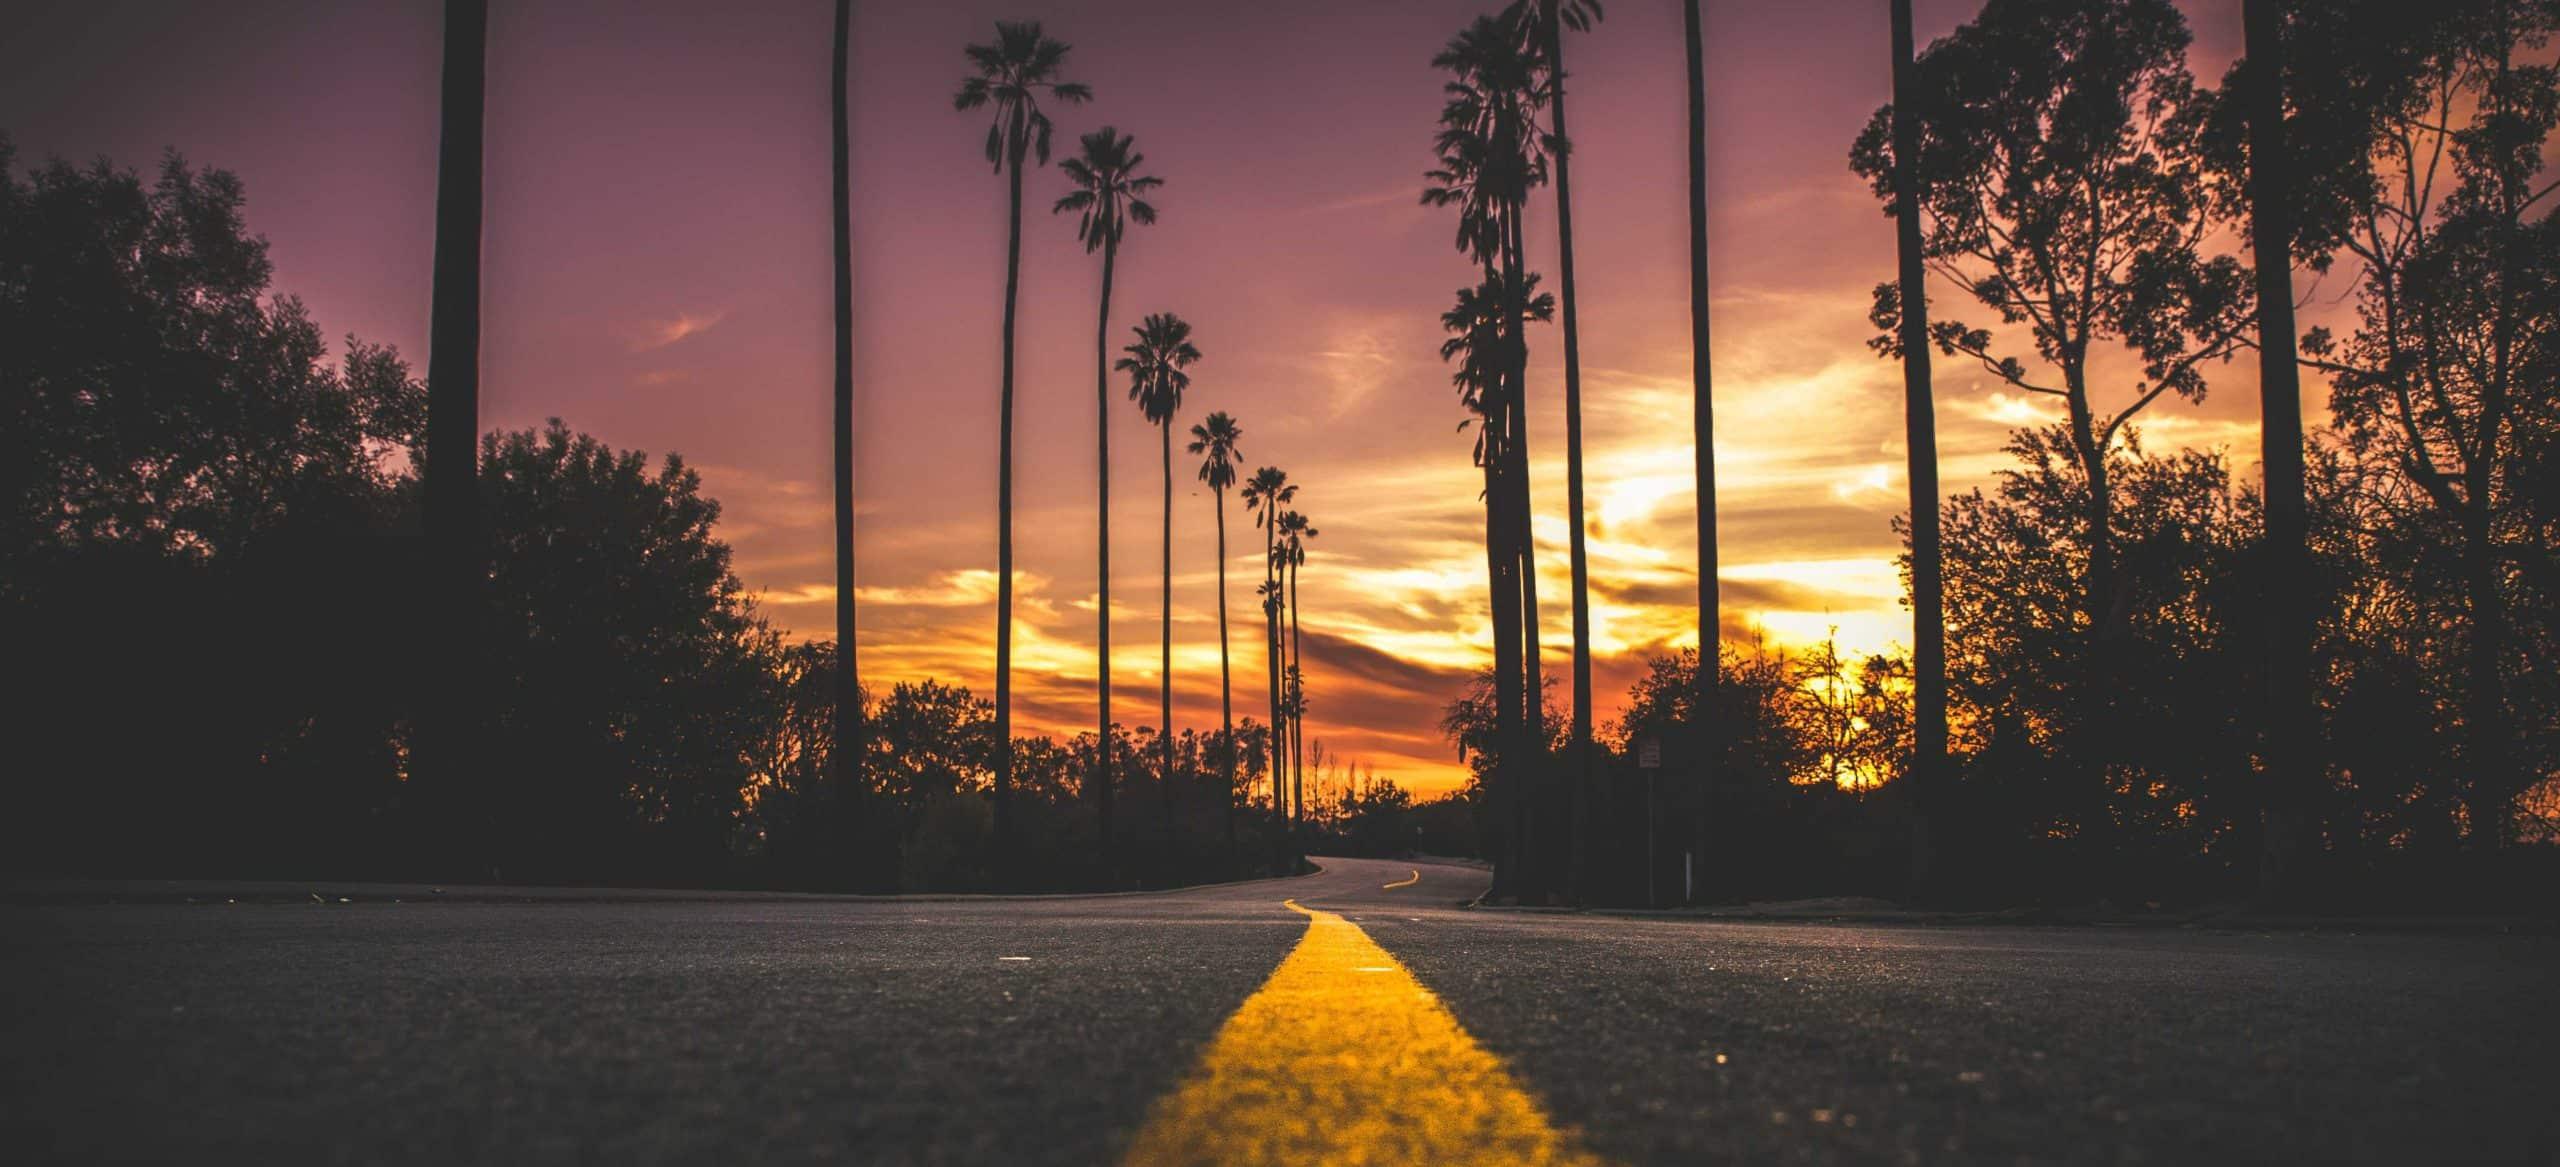 route Australie soleil palmiers